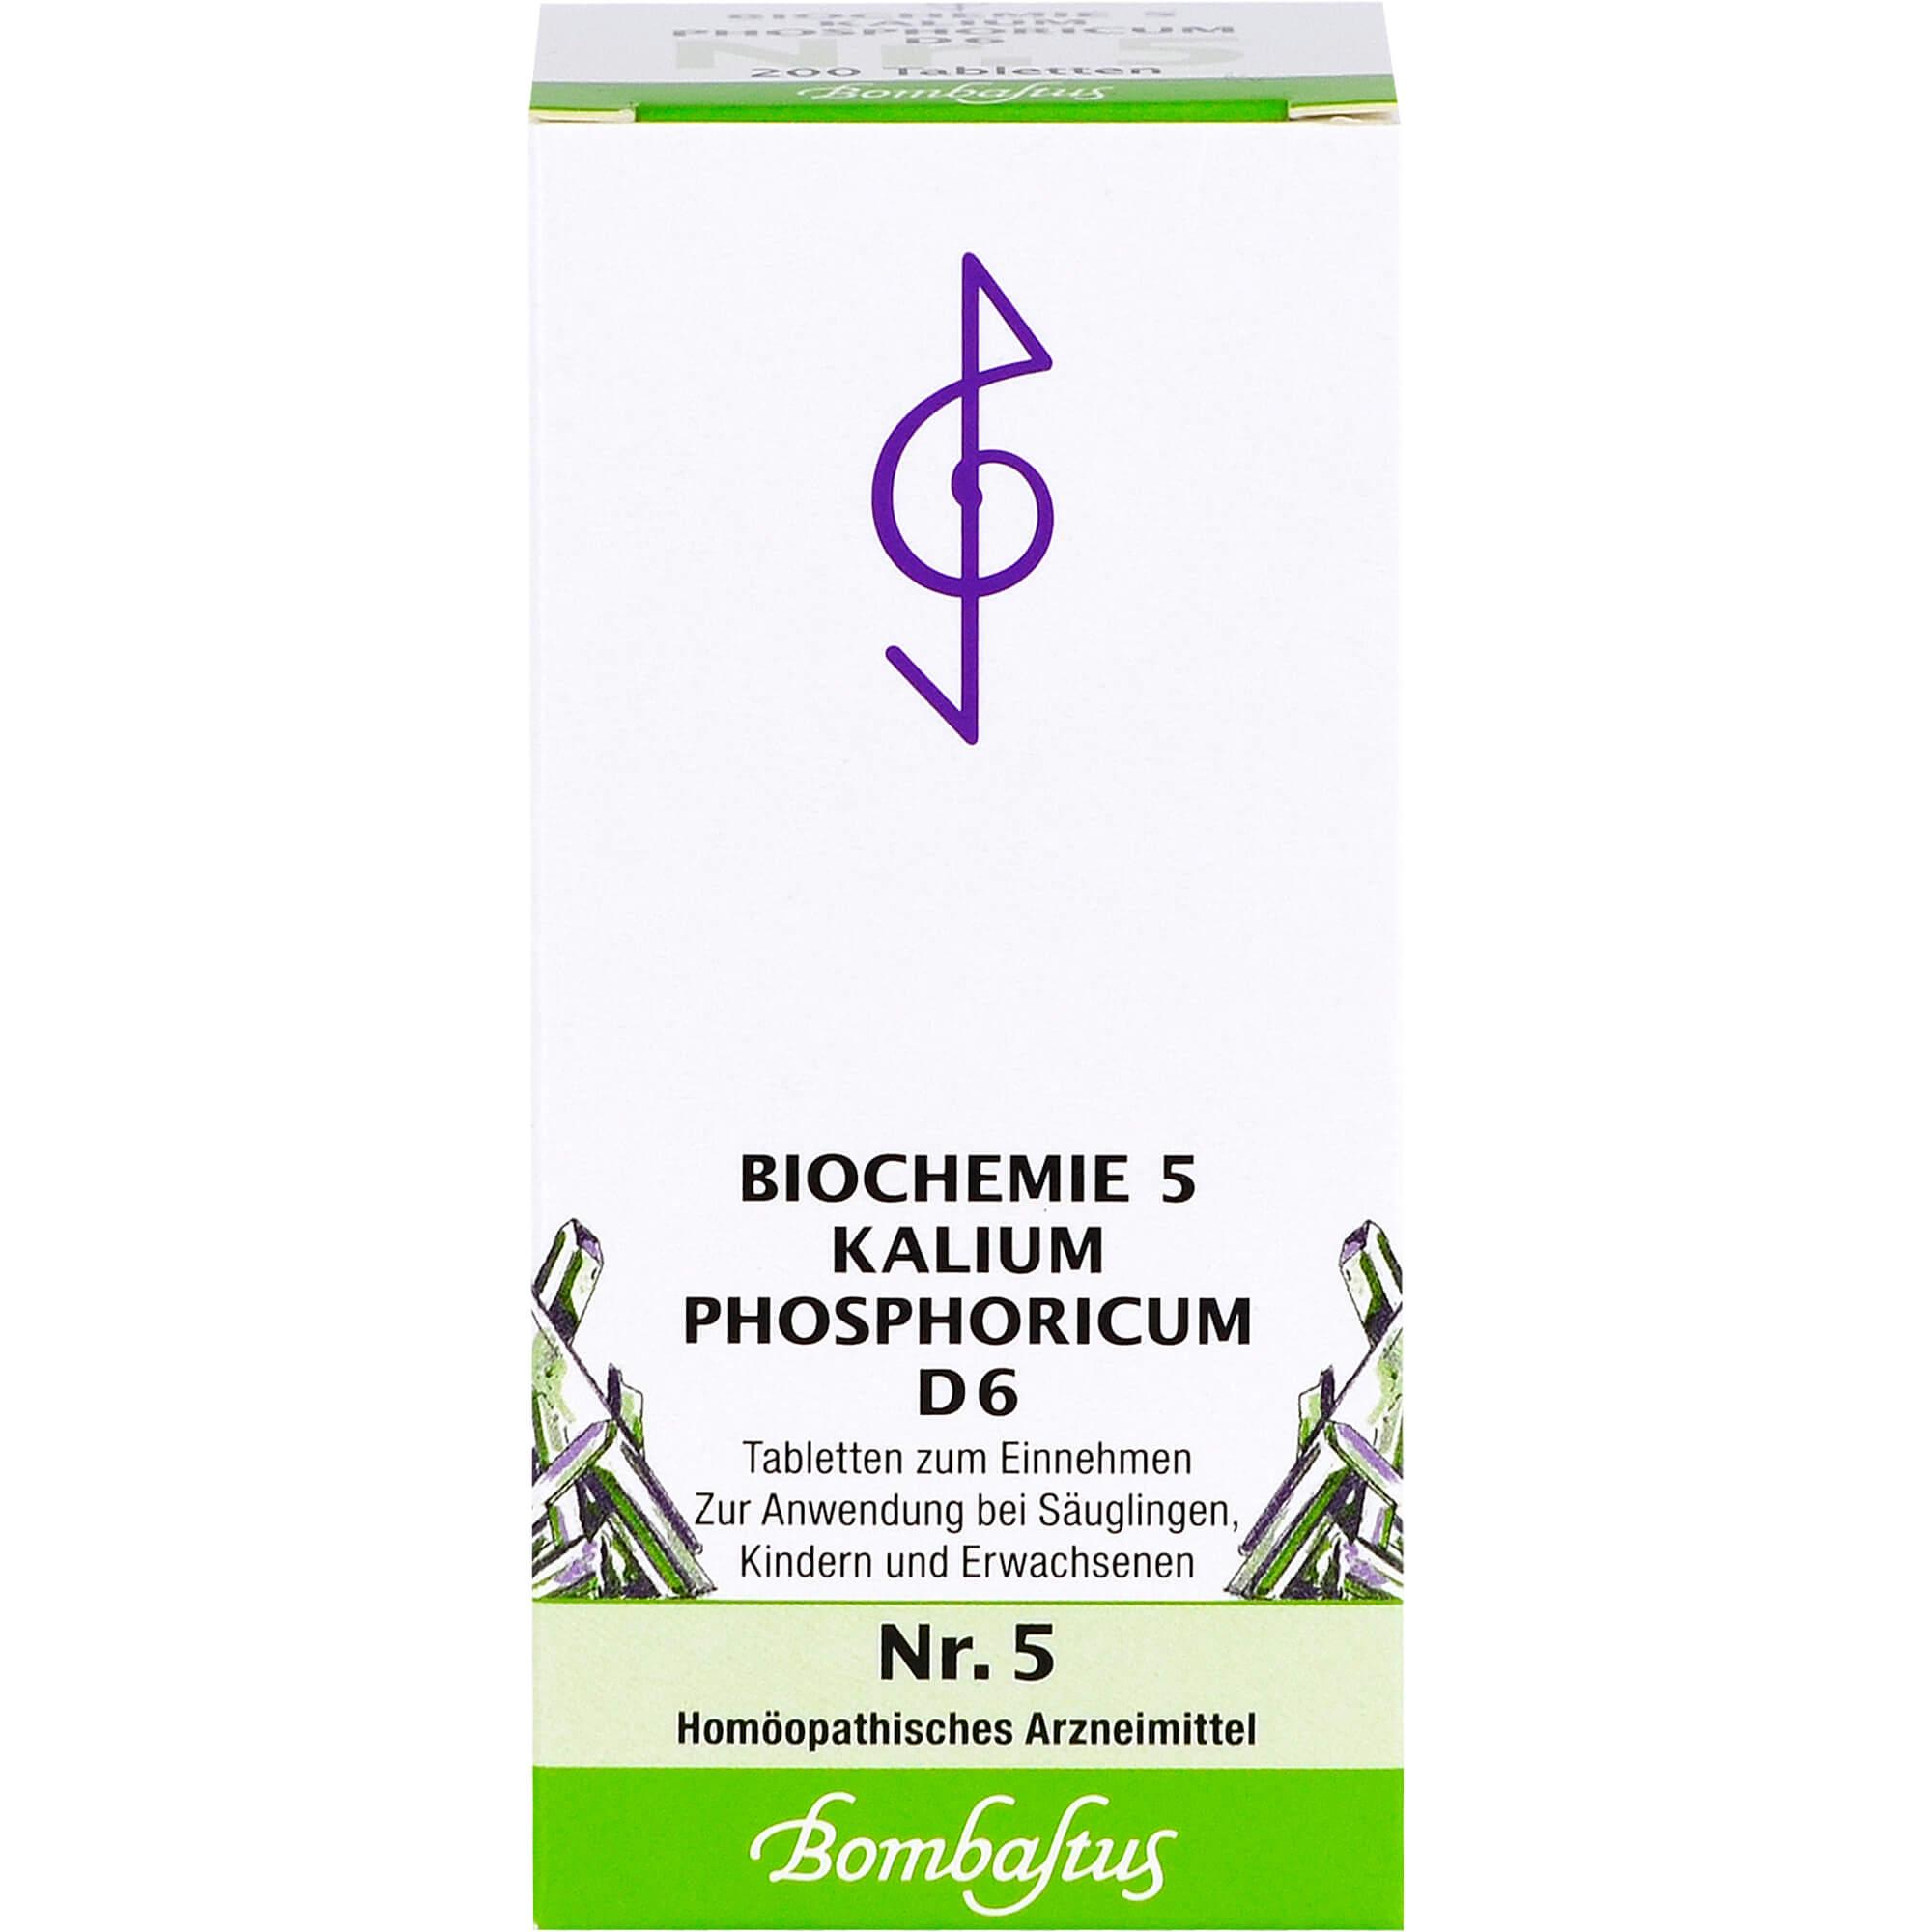 BIOCHEMIE-5-Kalium-phosphoricum-D-6-Tabletten